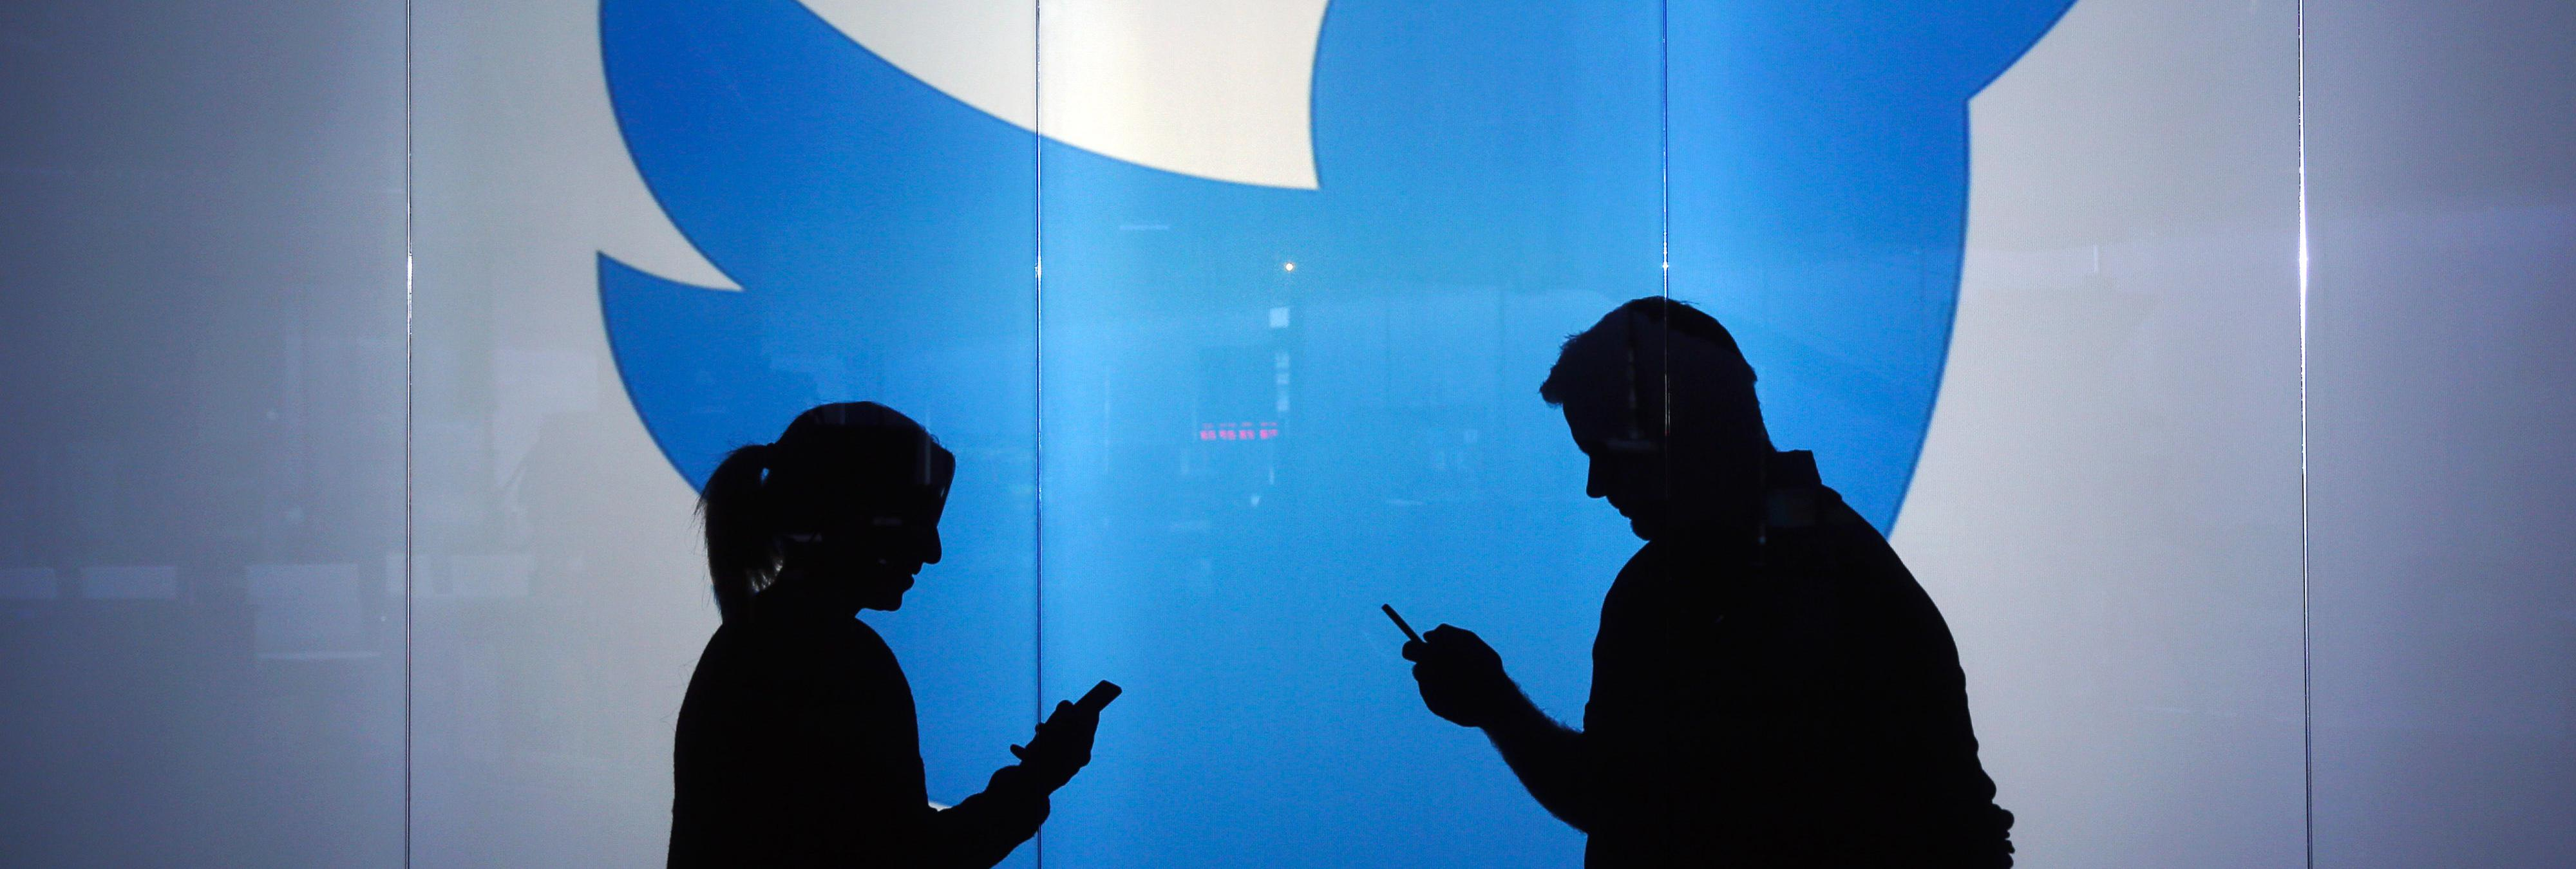 Las ventajas de usar el modo nocturno de la app de Twitter